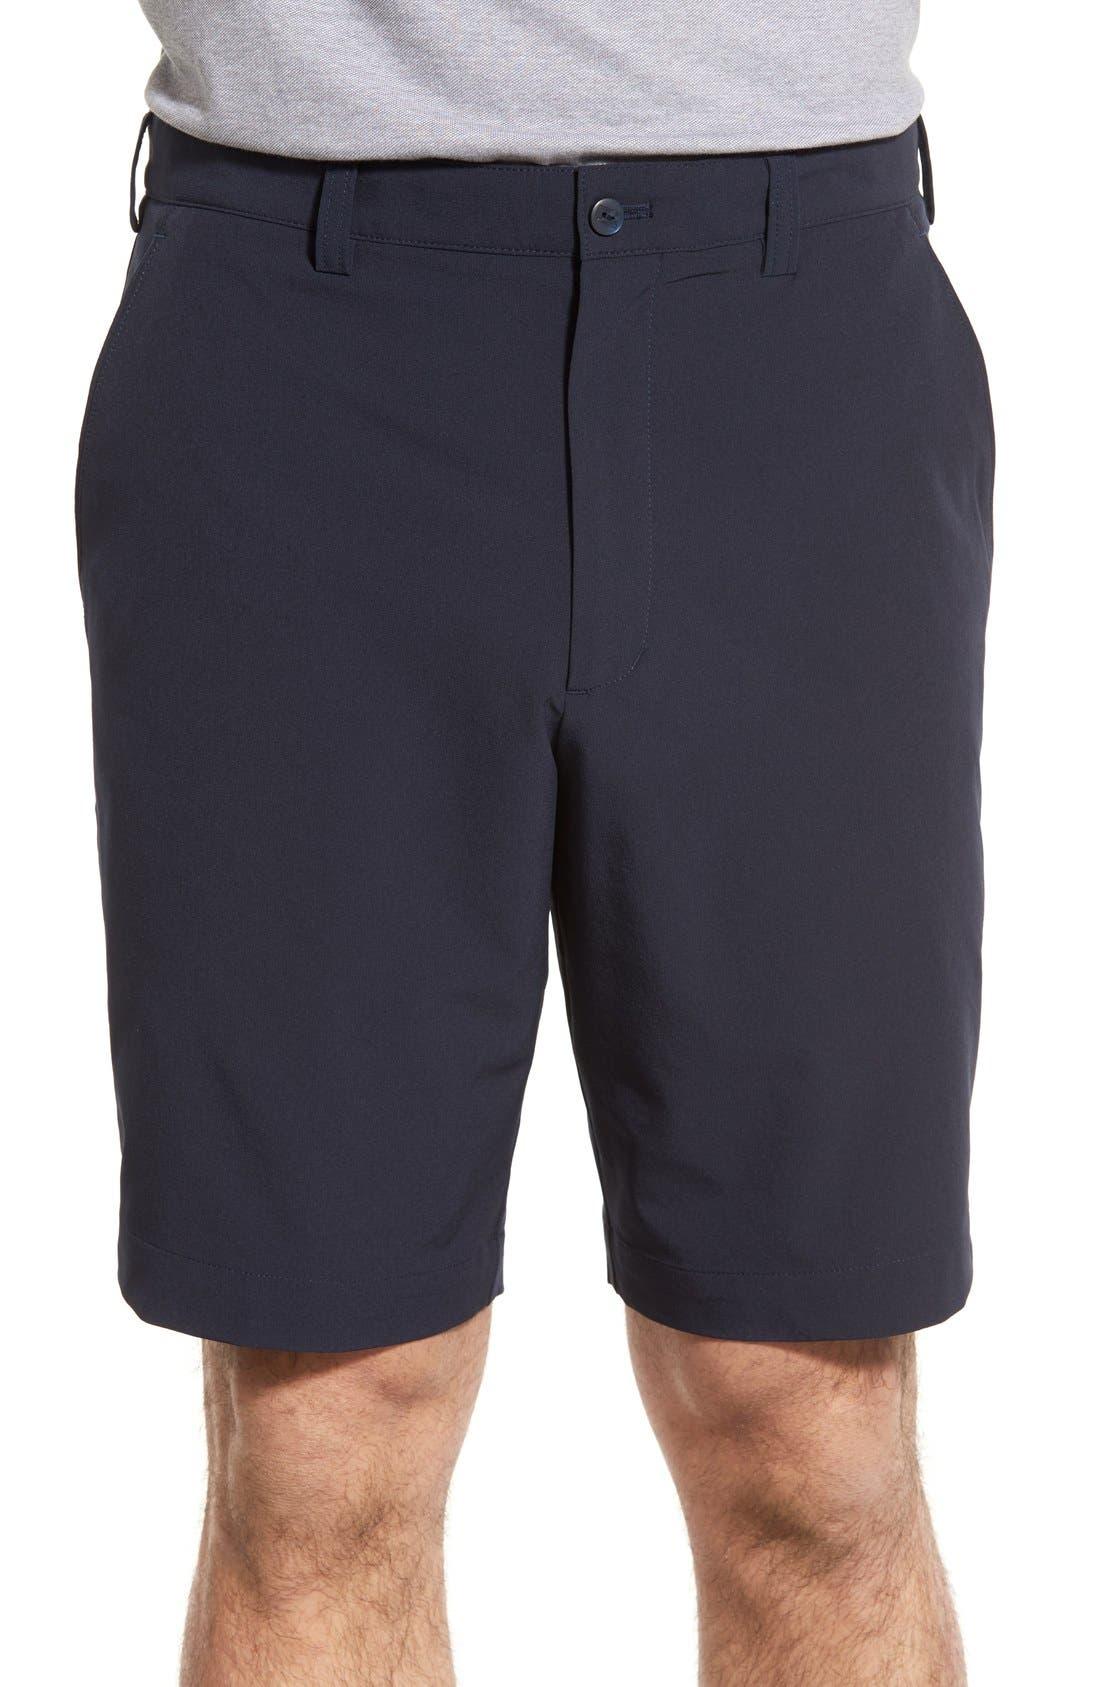 Cutter & Buck 'Bainbridge' DryTec Shorts